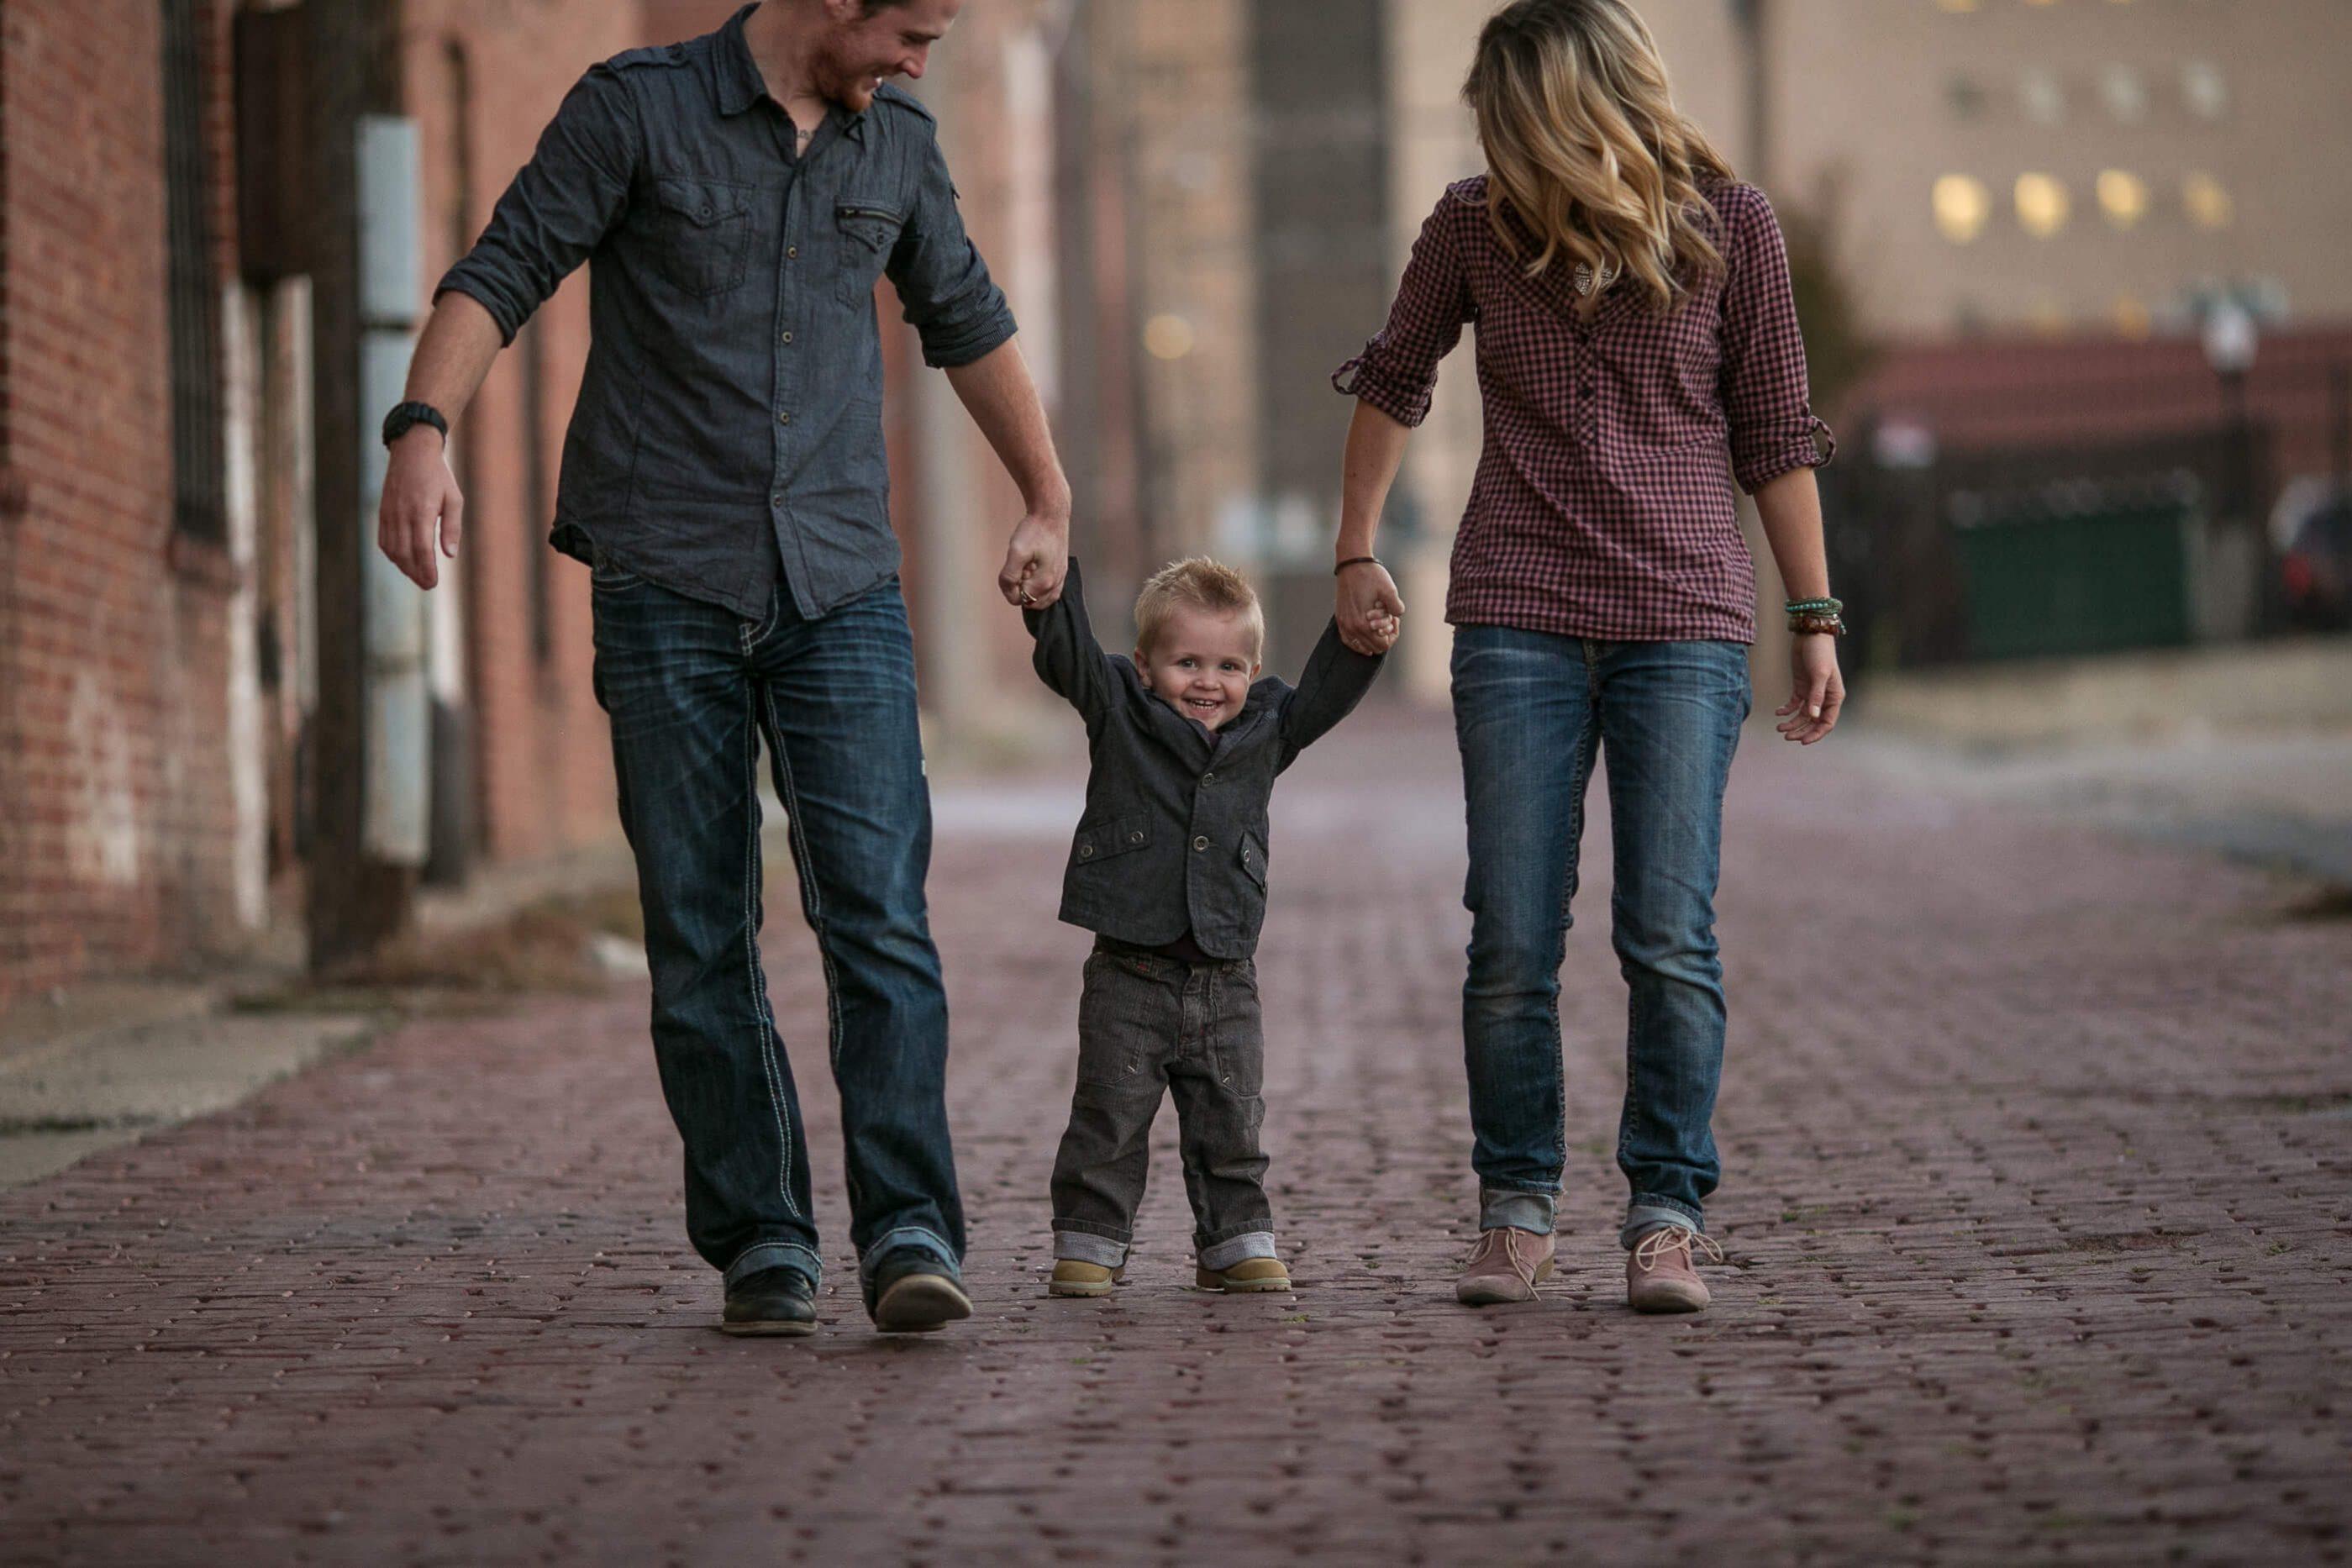 Ottimi modi per rovinare i propri figli